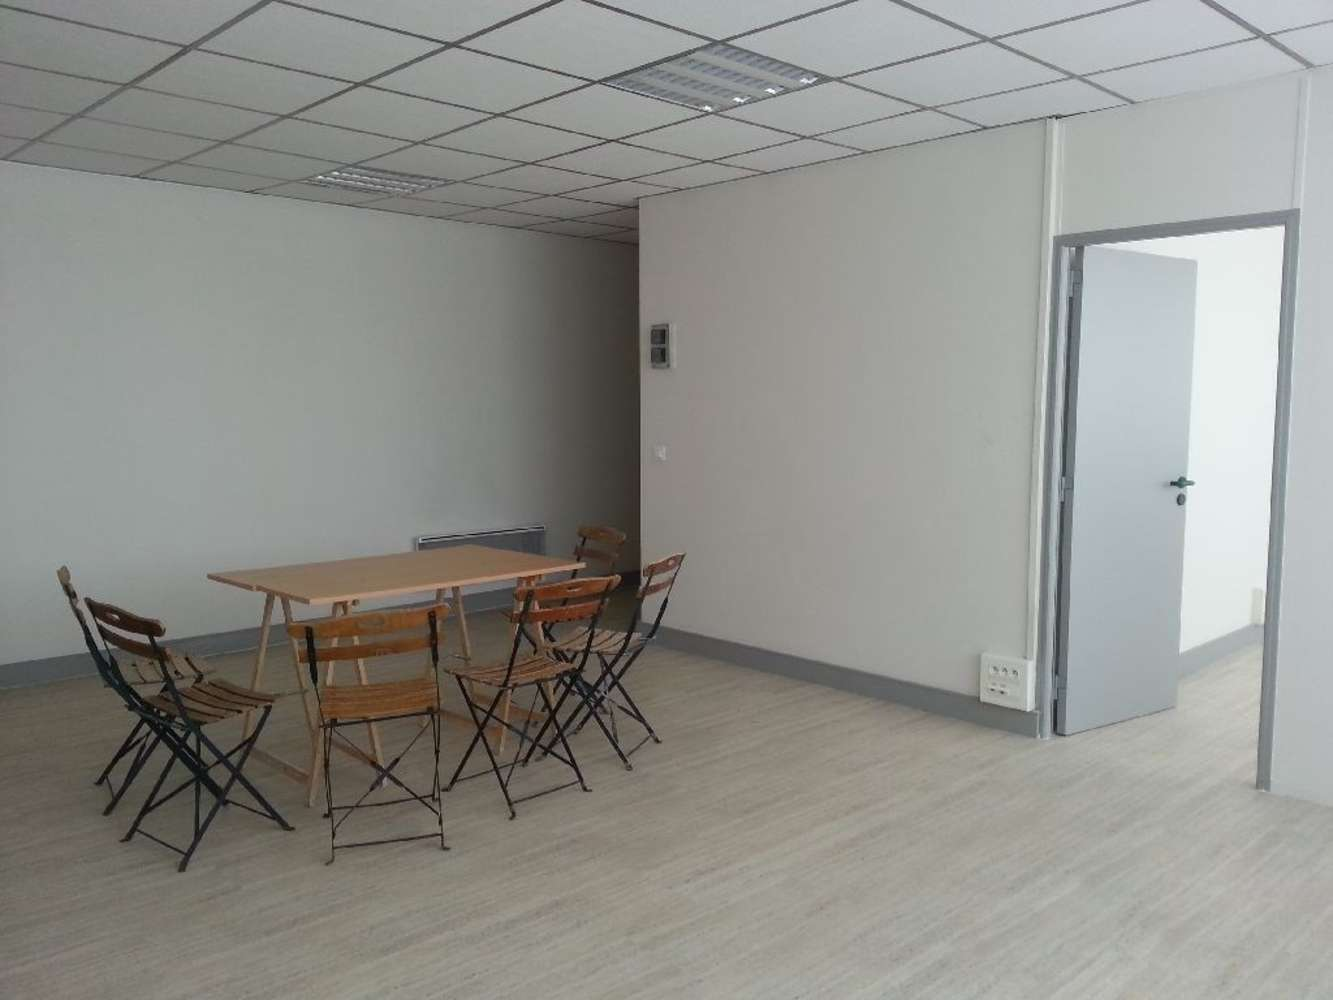 Activités/entrepôt St ouen l aumone, 95310 - IDF NORD / POLE DE CERGY - 9445401